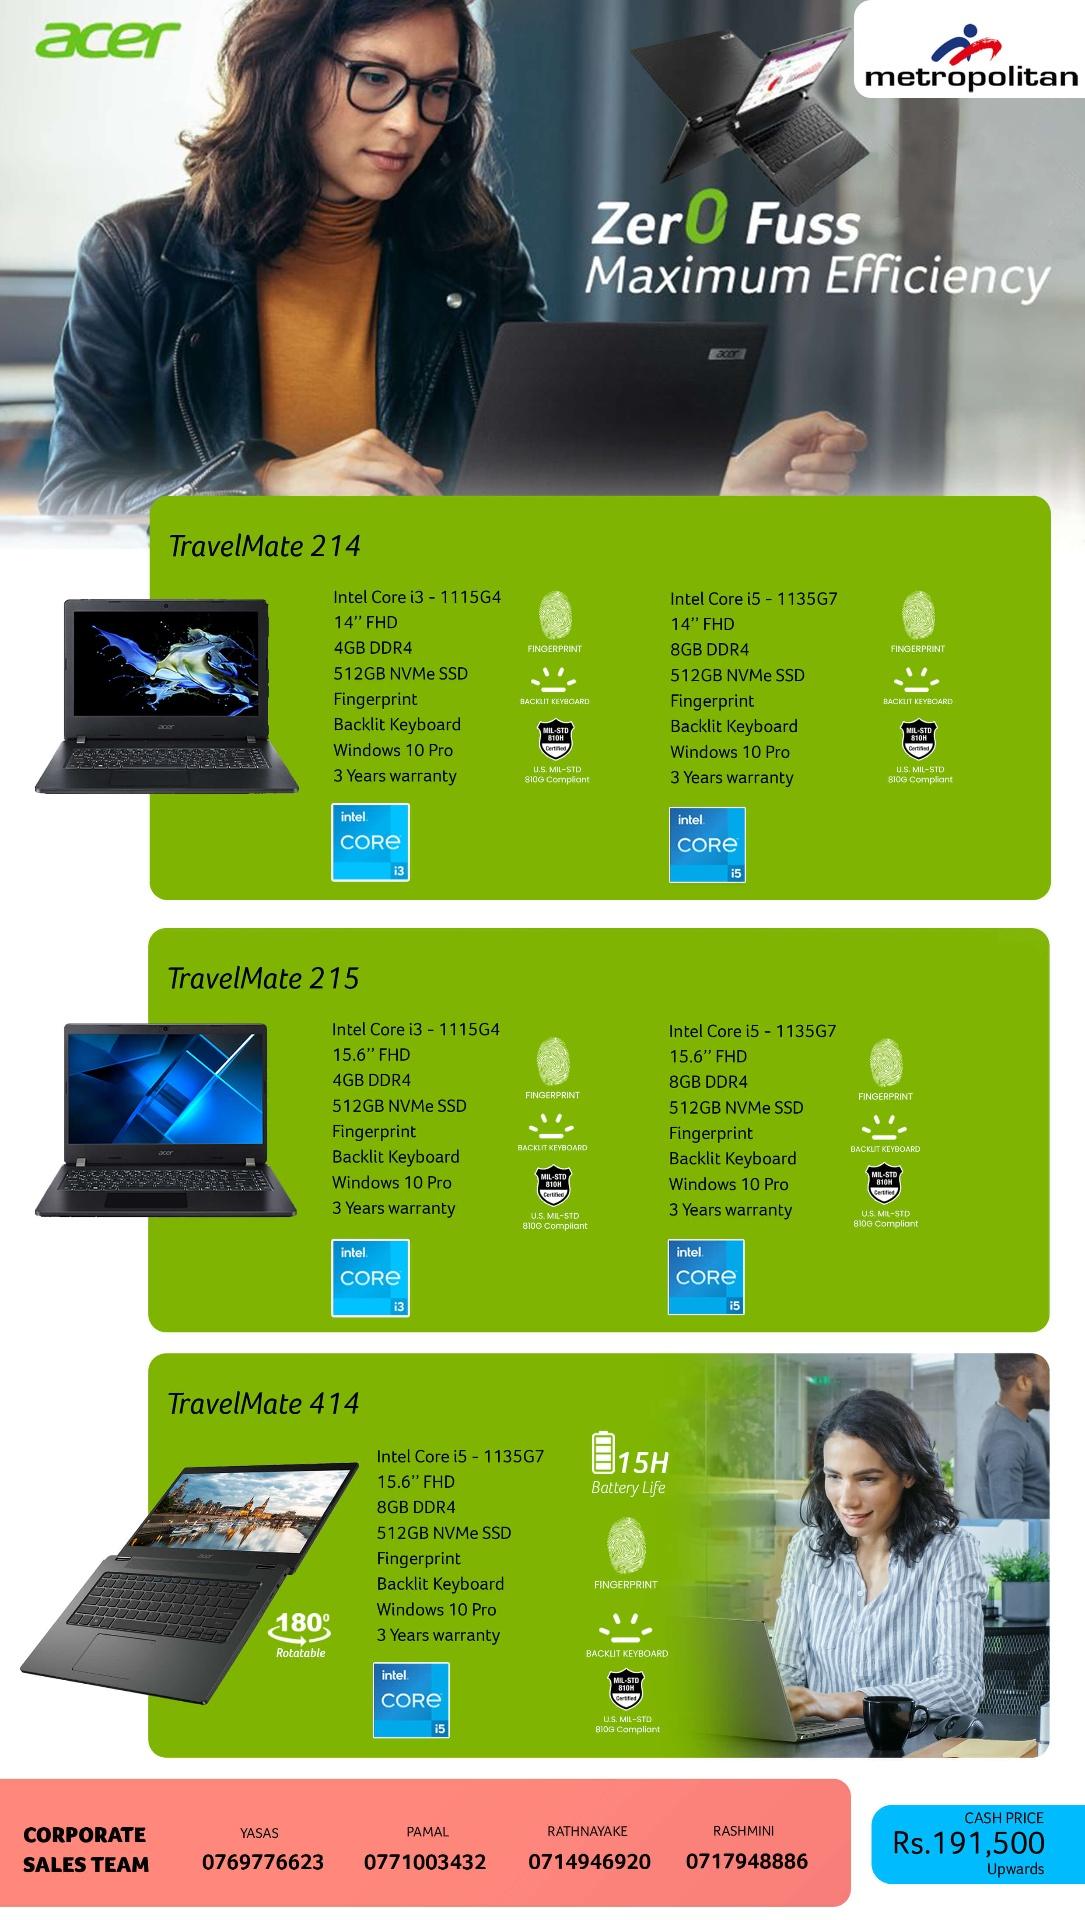 Zero Fuss Maximum Efficiency–Acer TravelMate